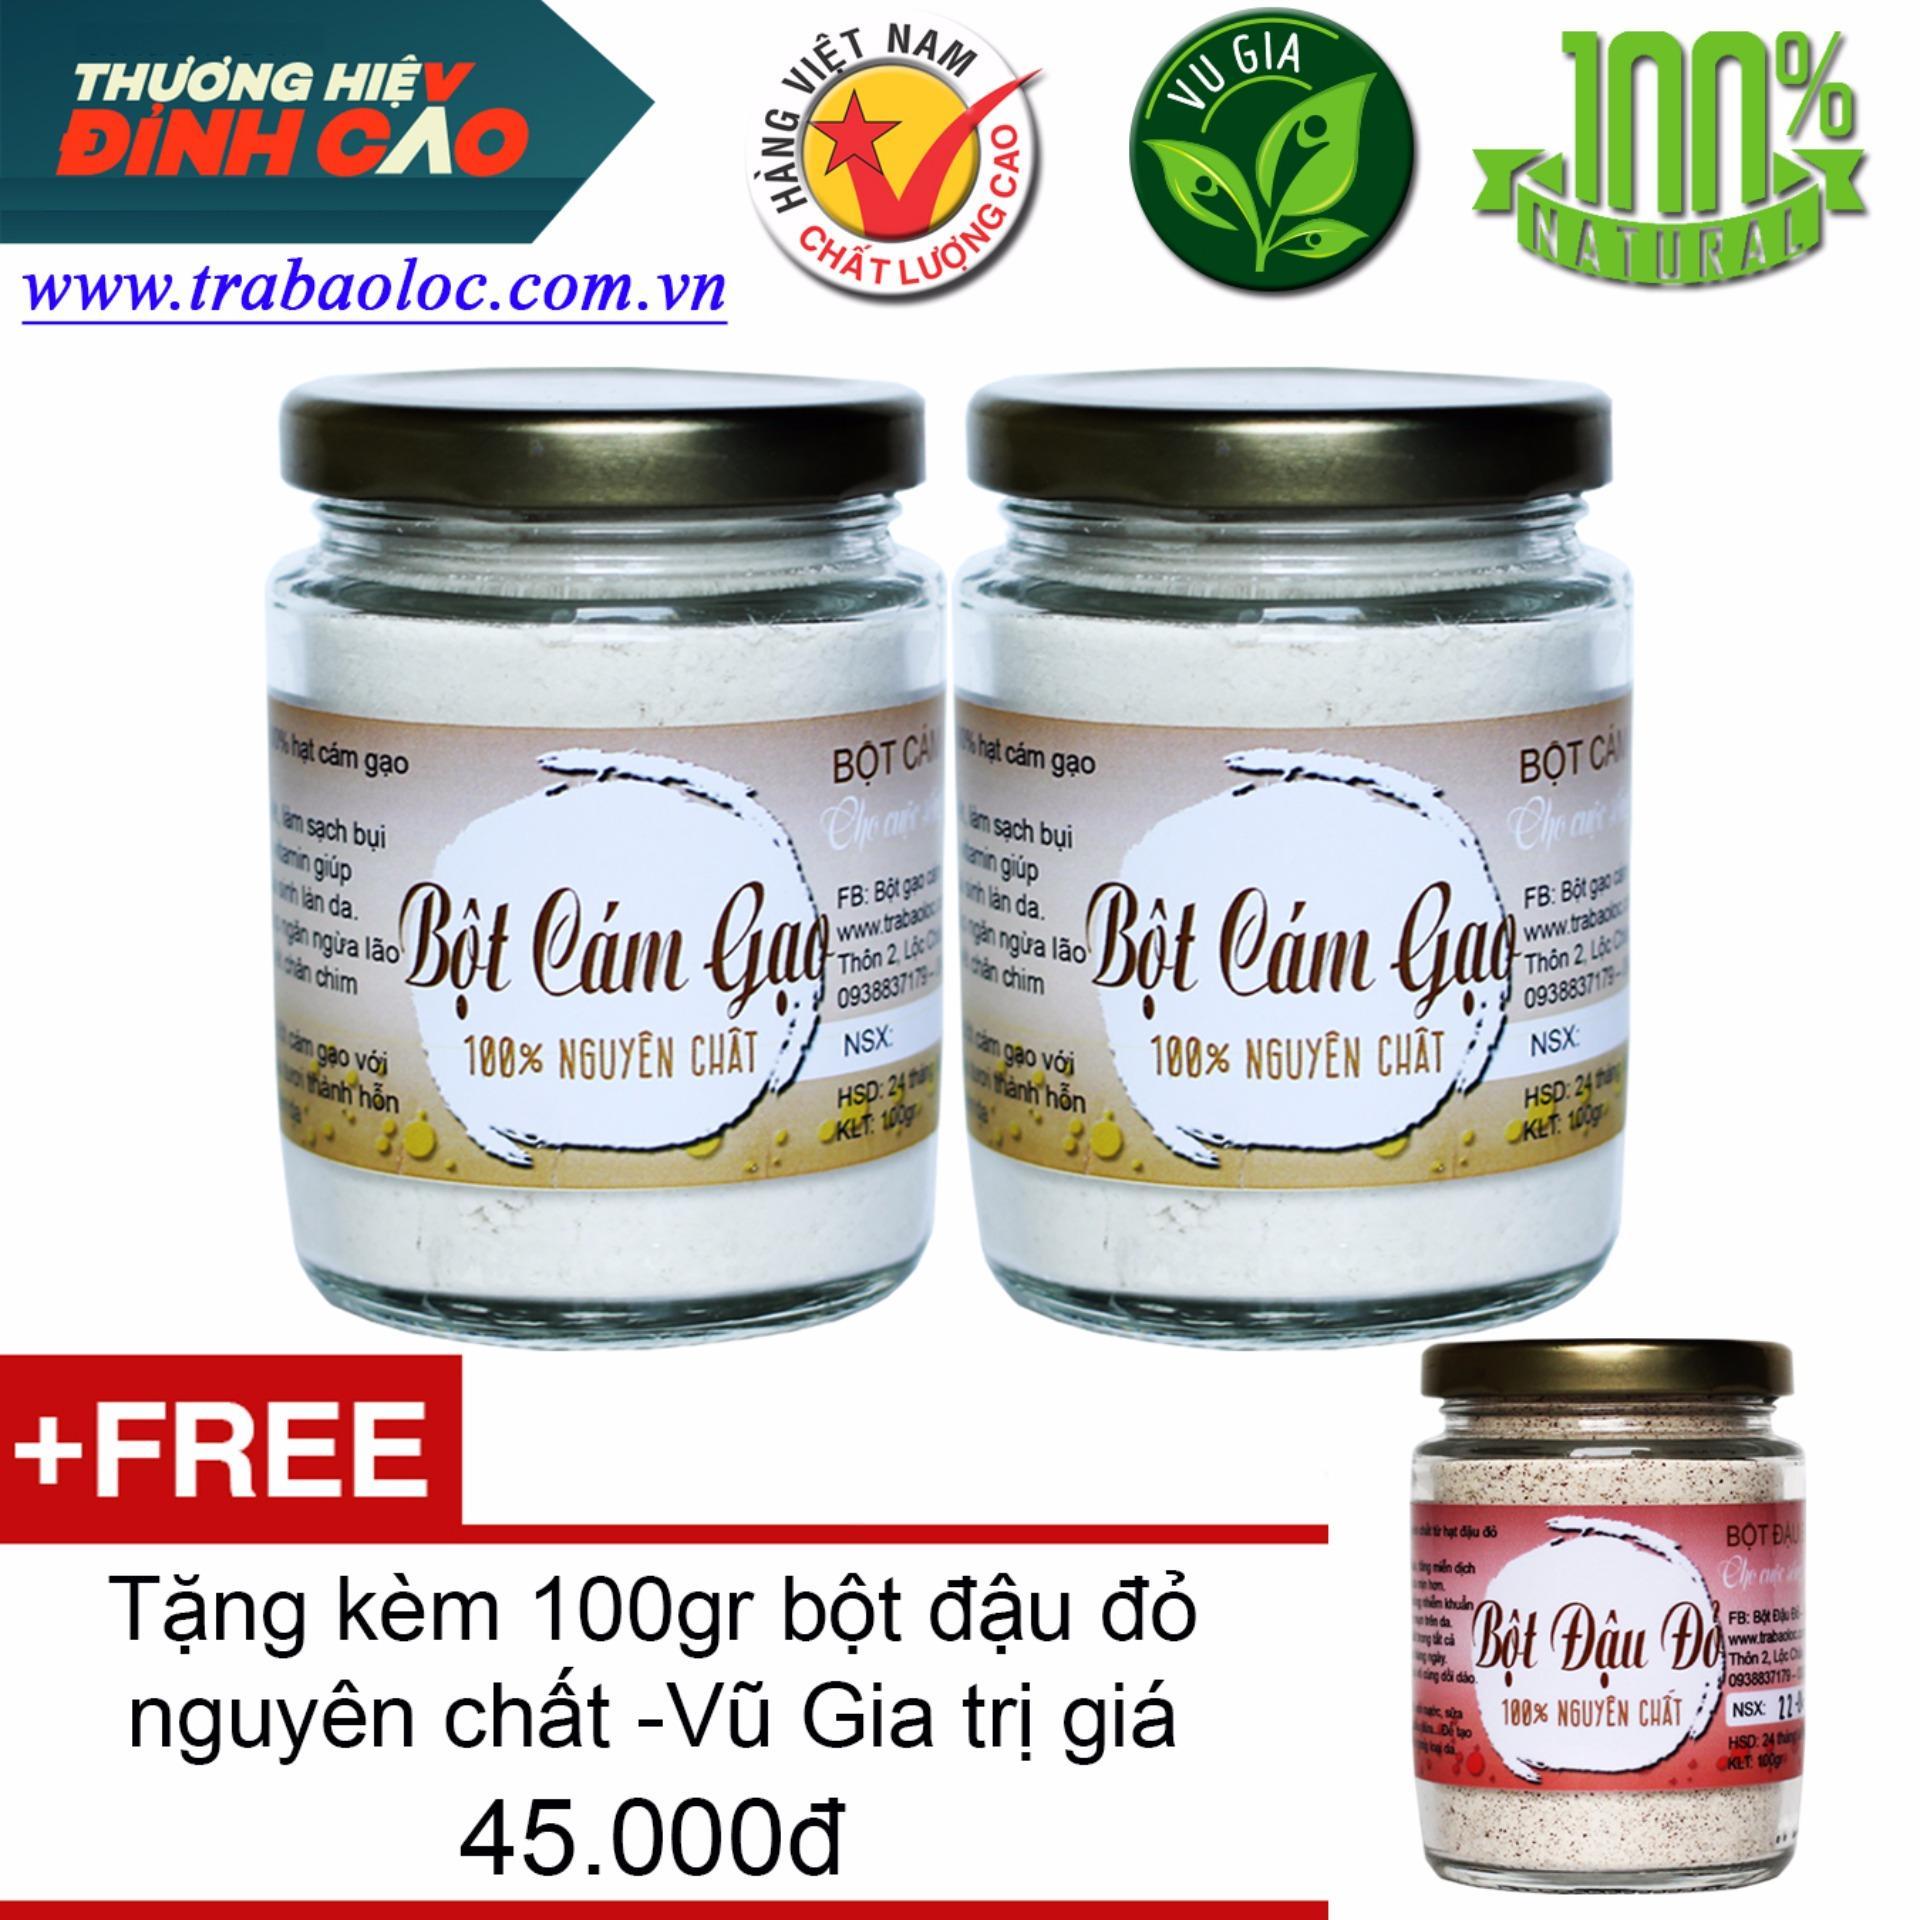 Combo 2 Bột Cám Gạo Nguyên Chất Bảo Lộc 100g - Vũ Gia + Tặng Bột Đậu Đỏ Nguyên Chất 100g